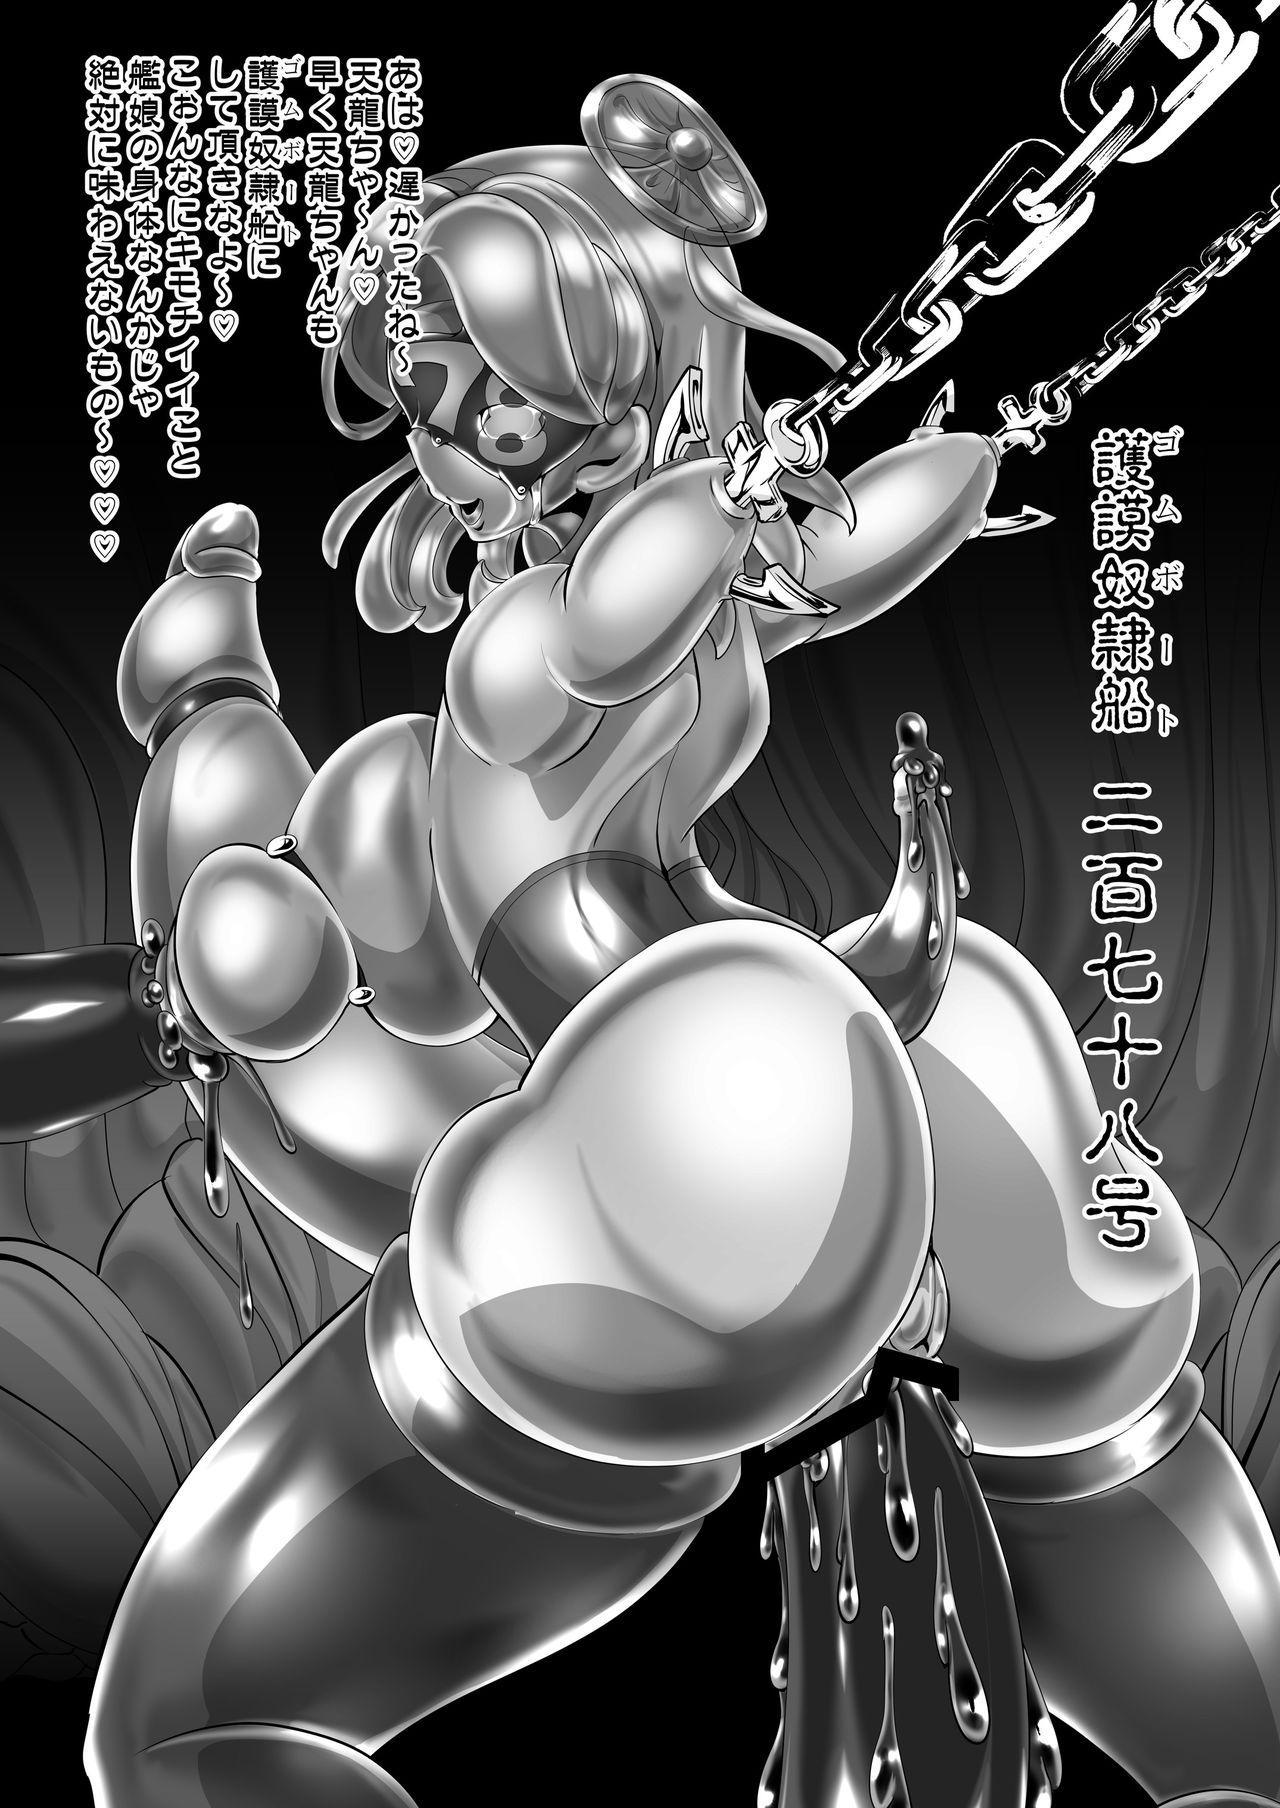 Gomboat-ka Goudou Zecchou Gomu 16